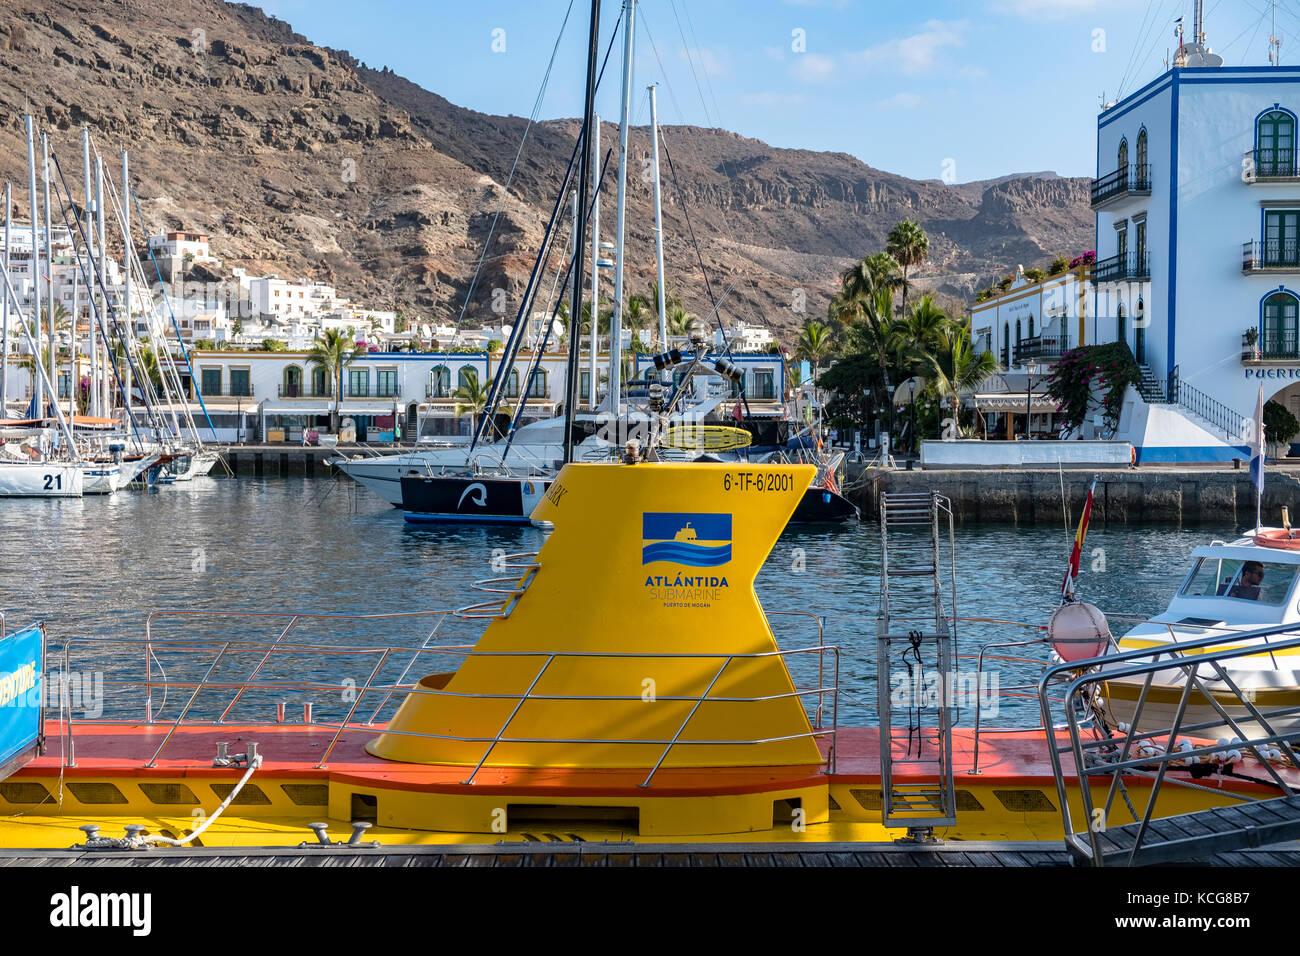 Das schöne Puerto de Mogan auf Gran Canaria, Spanien Stockbild